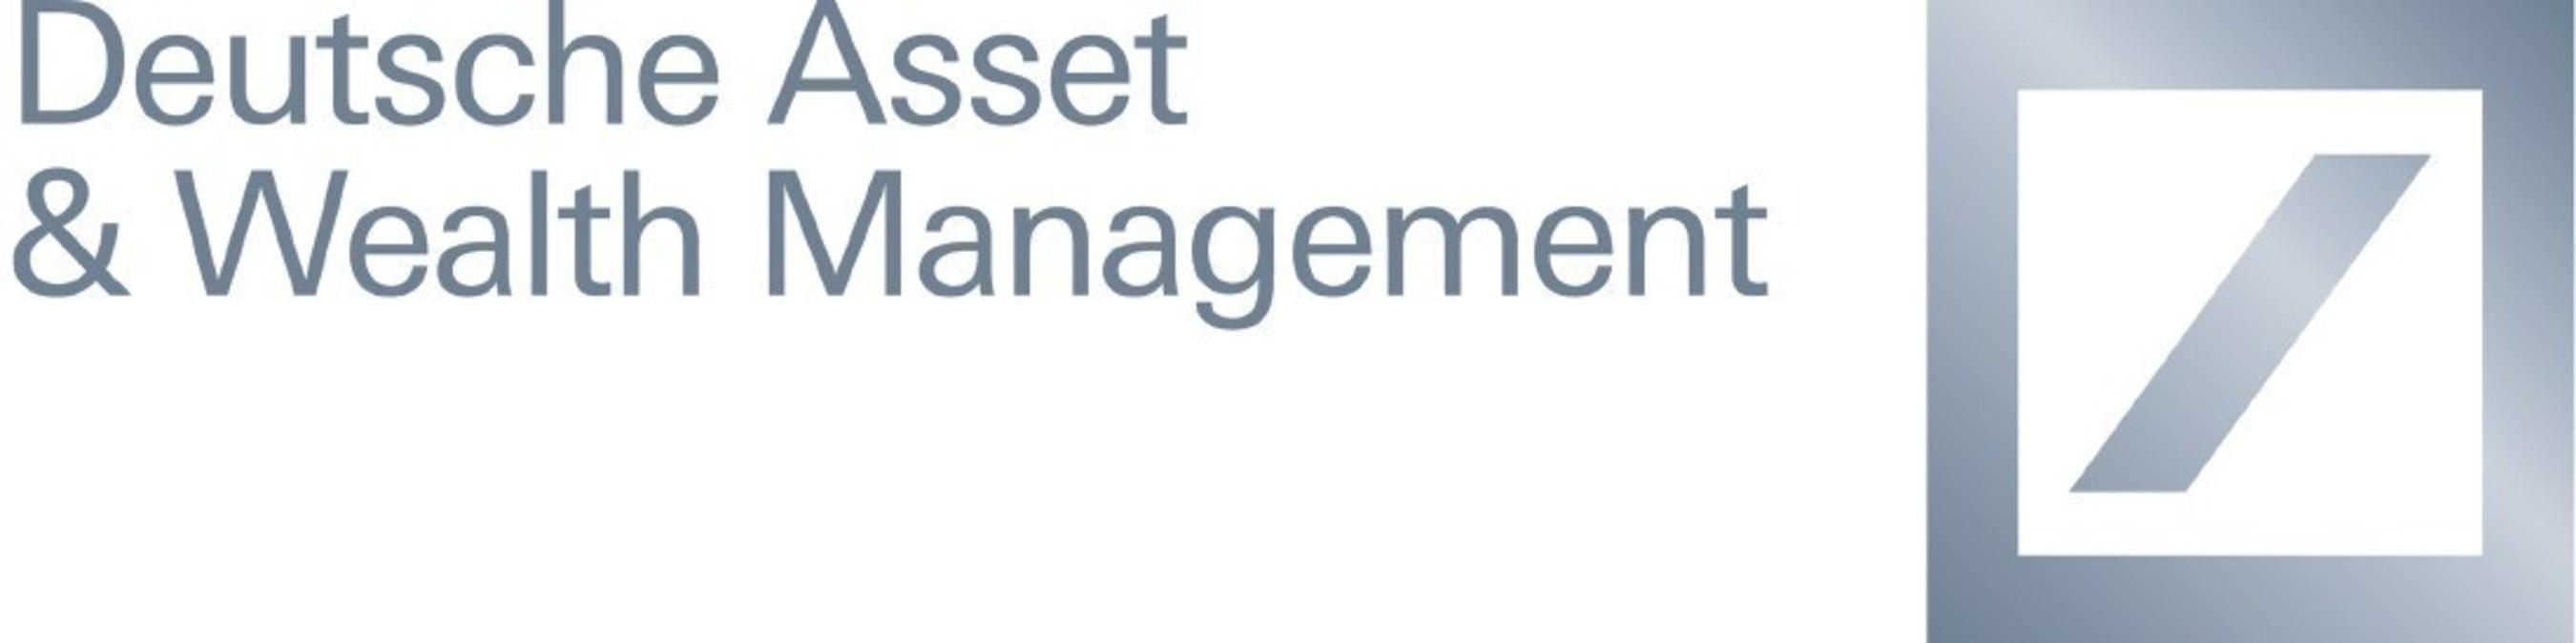 Deutsche Asset & Wealth Management Logo